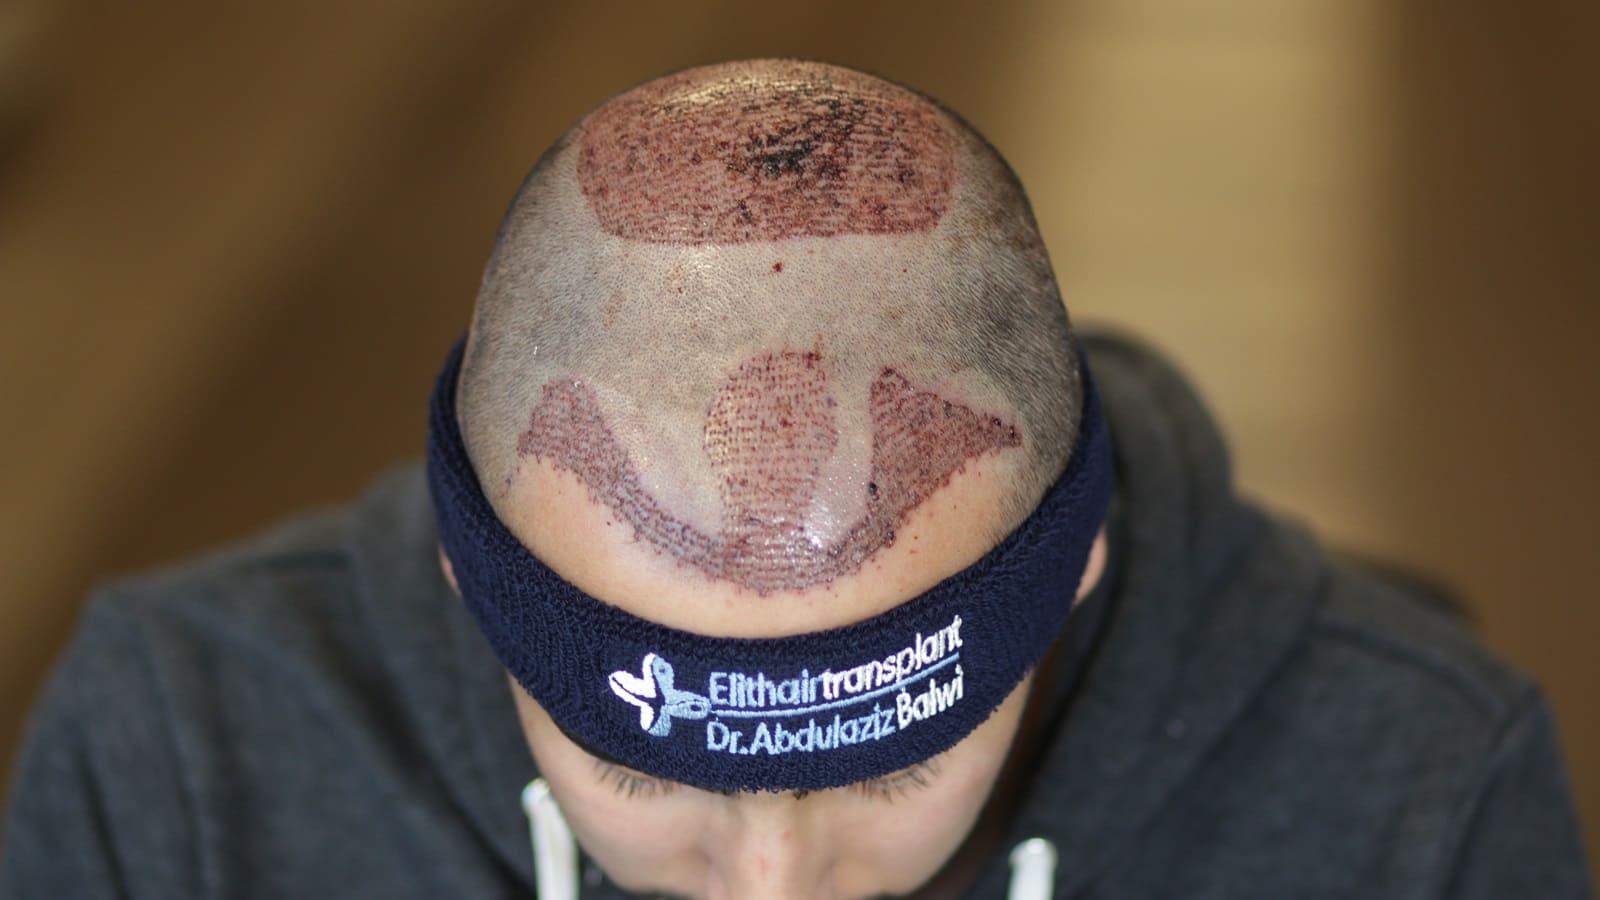 Haartransplantation Tonsur